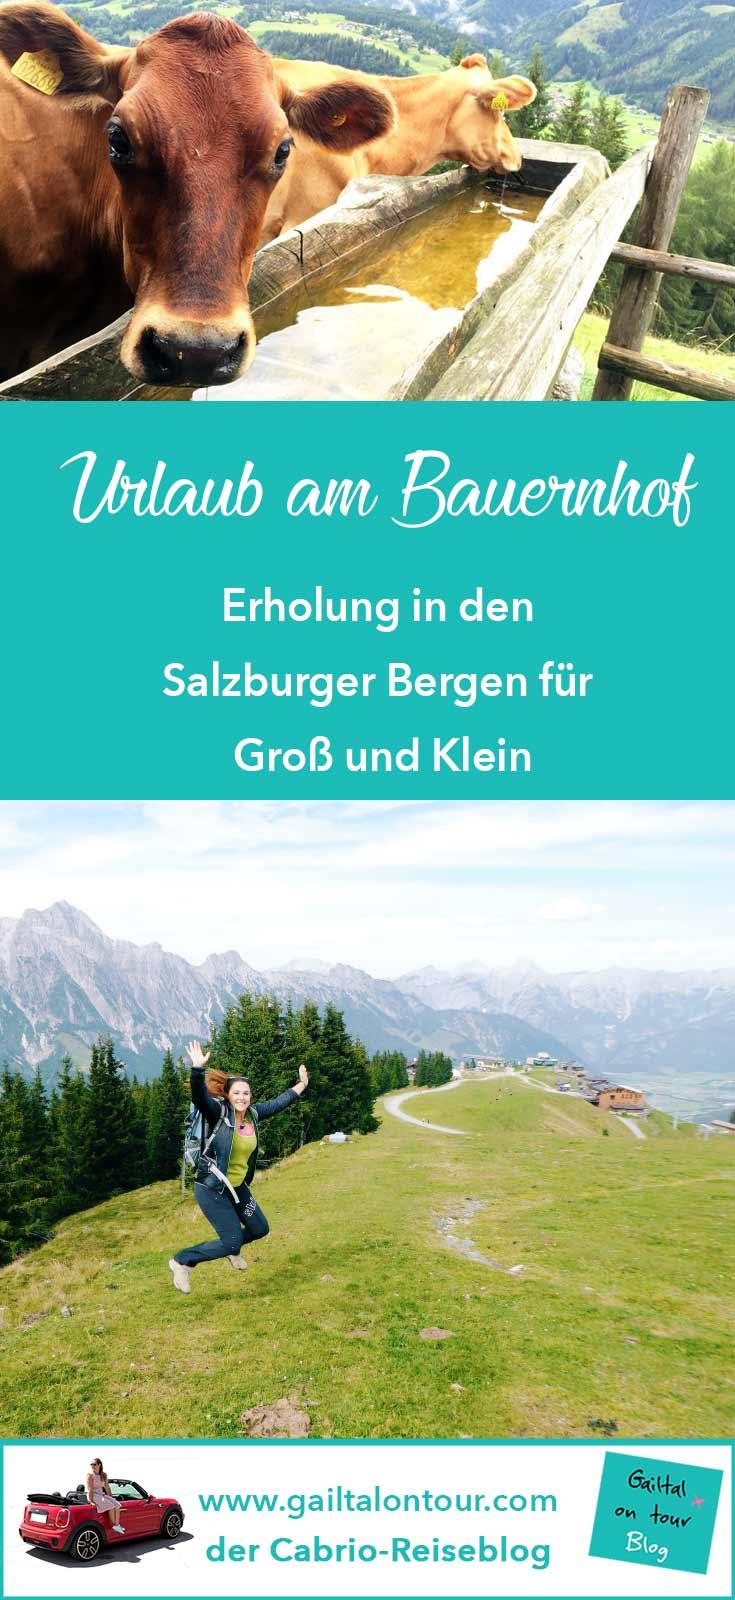 Urlaub am #Bauernhof in Salzburg, #Familien- oder Wanderurlaub in #Leogang. Urlaub in #Österreich.